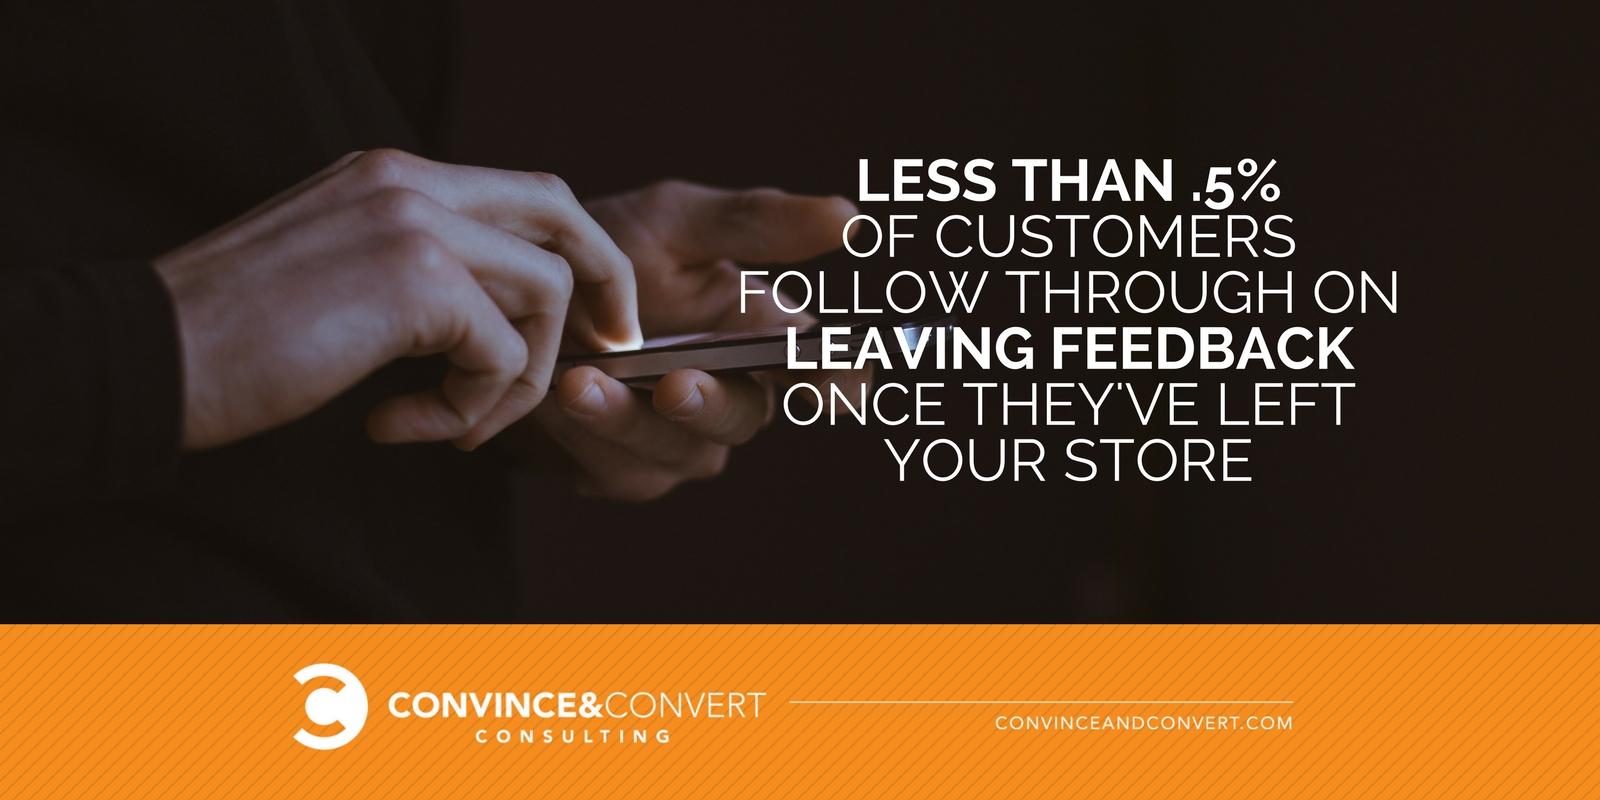 Very few customers follow through on leaving feedback